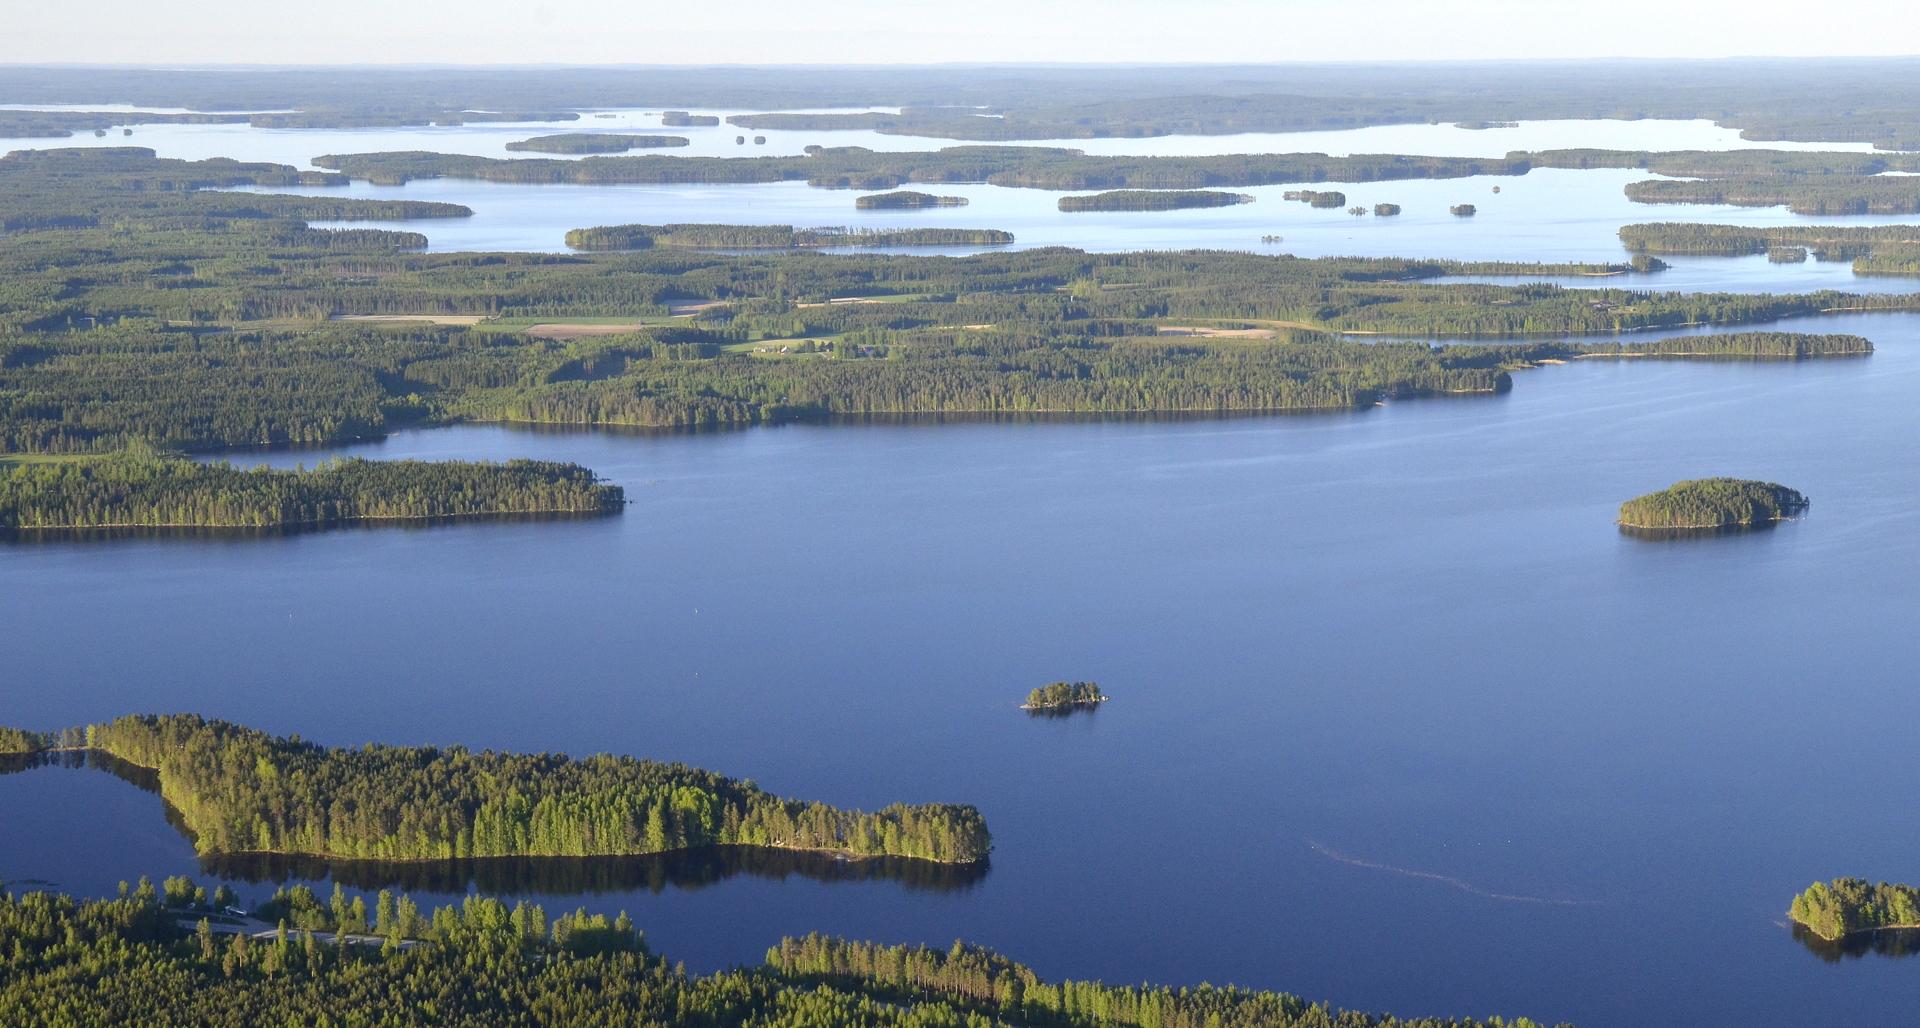 Räihänselkä ja oikealla isompi saari on Akseli Gallen-Kallelan tauluissa esiintyvä Haapasaari.